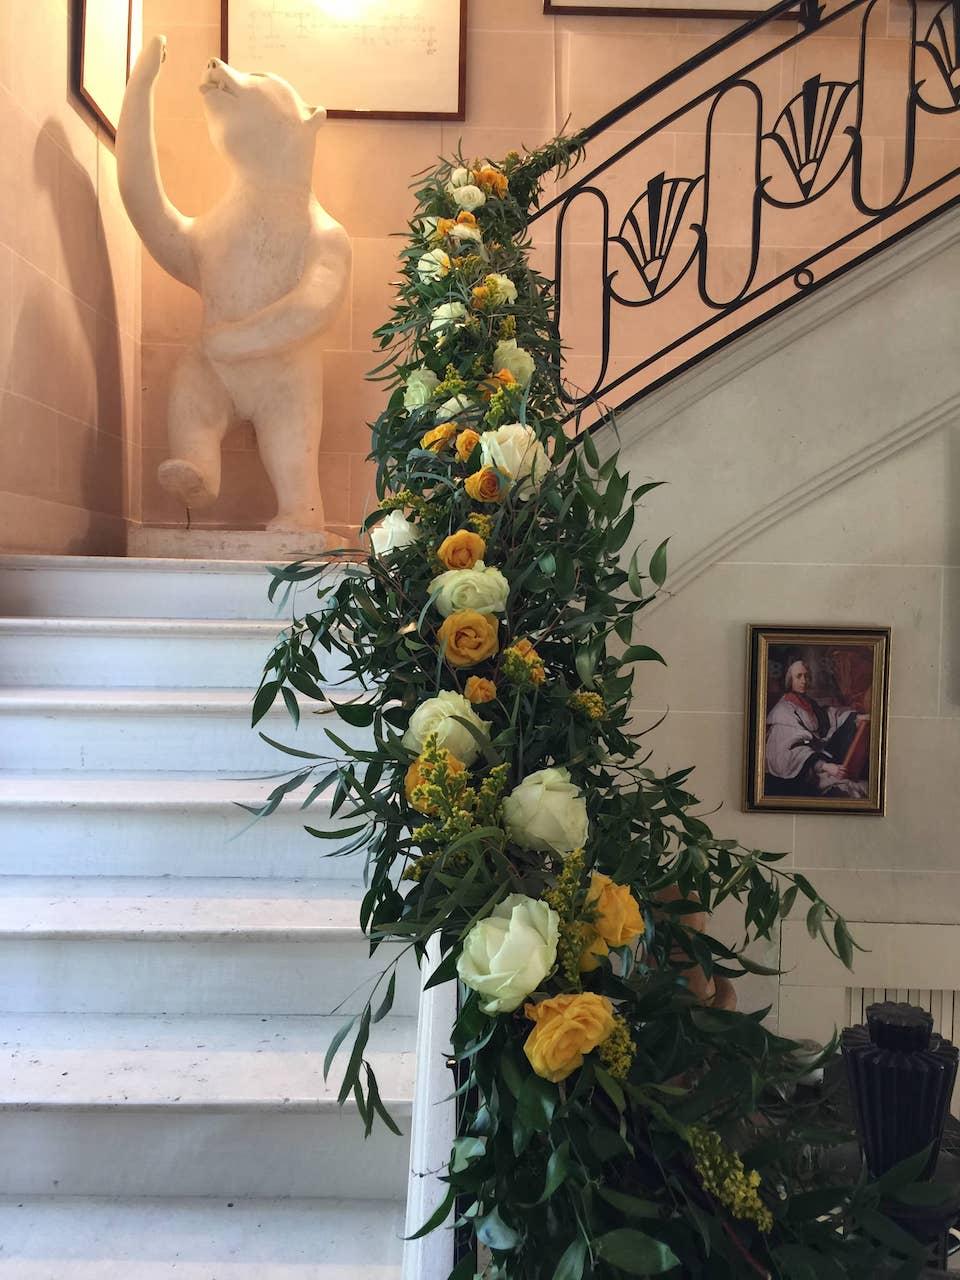 lieu-reception-rembarde-decoration-guirlande-feuillage-mariage